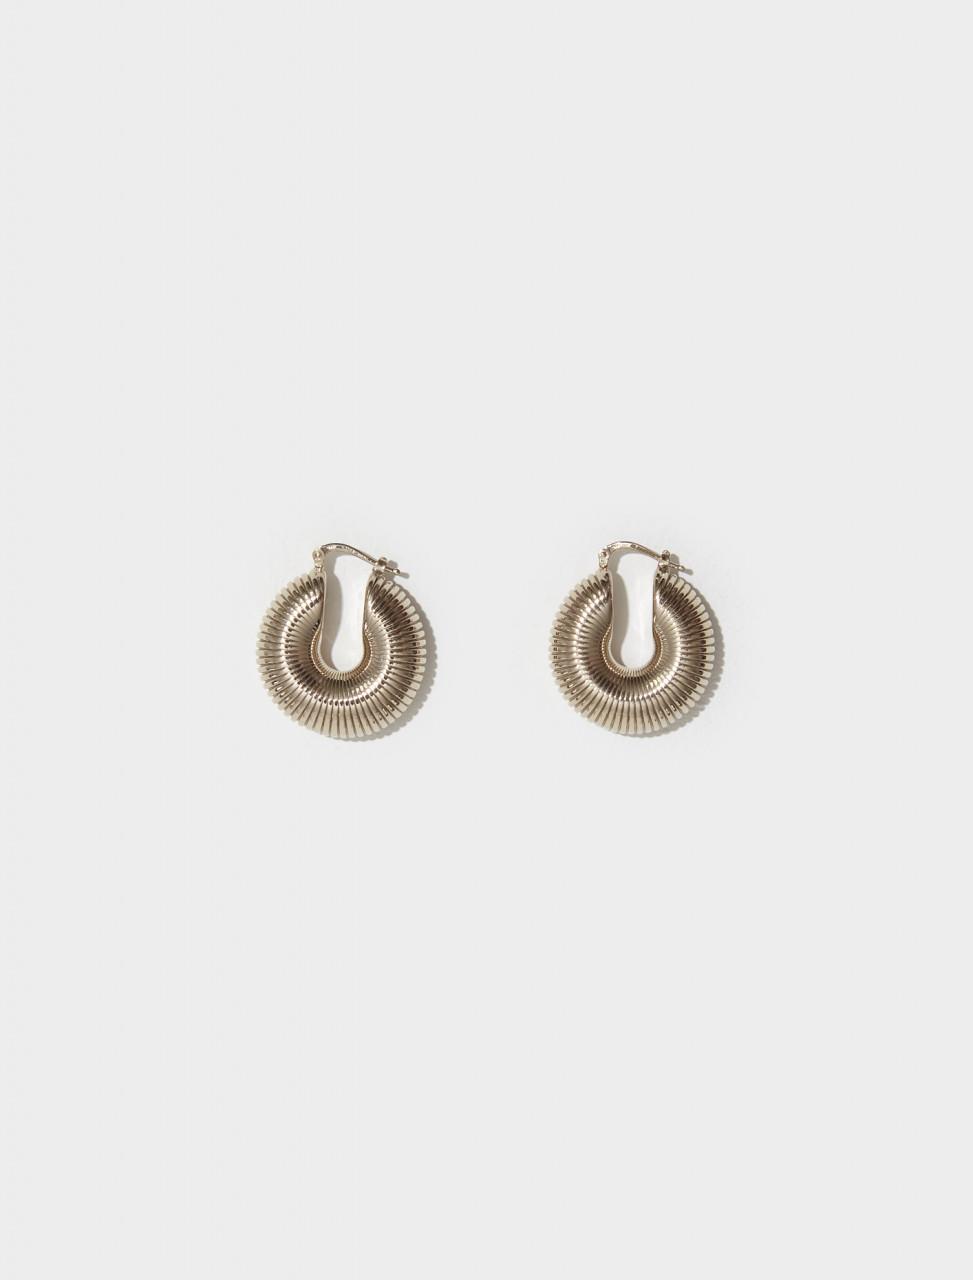 JSPT837215_WTS84002_710 JIL SANDER SNAIL EARRINGS 3 IN GOLD